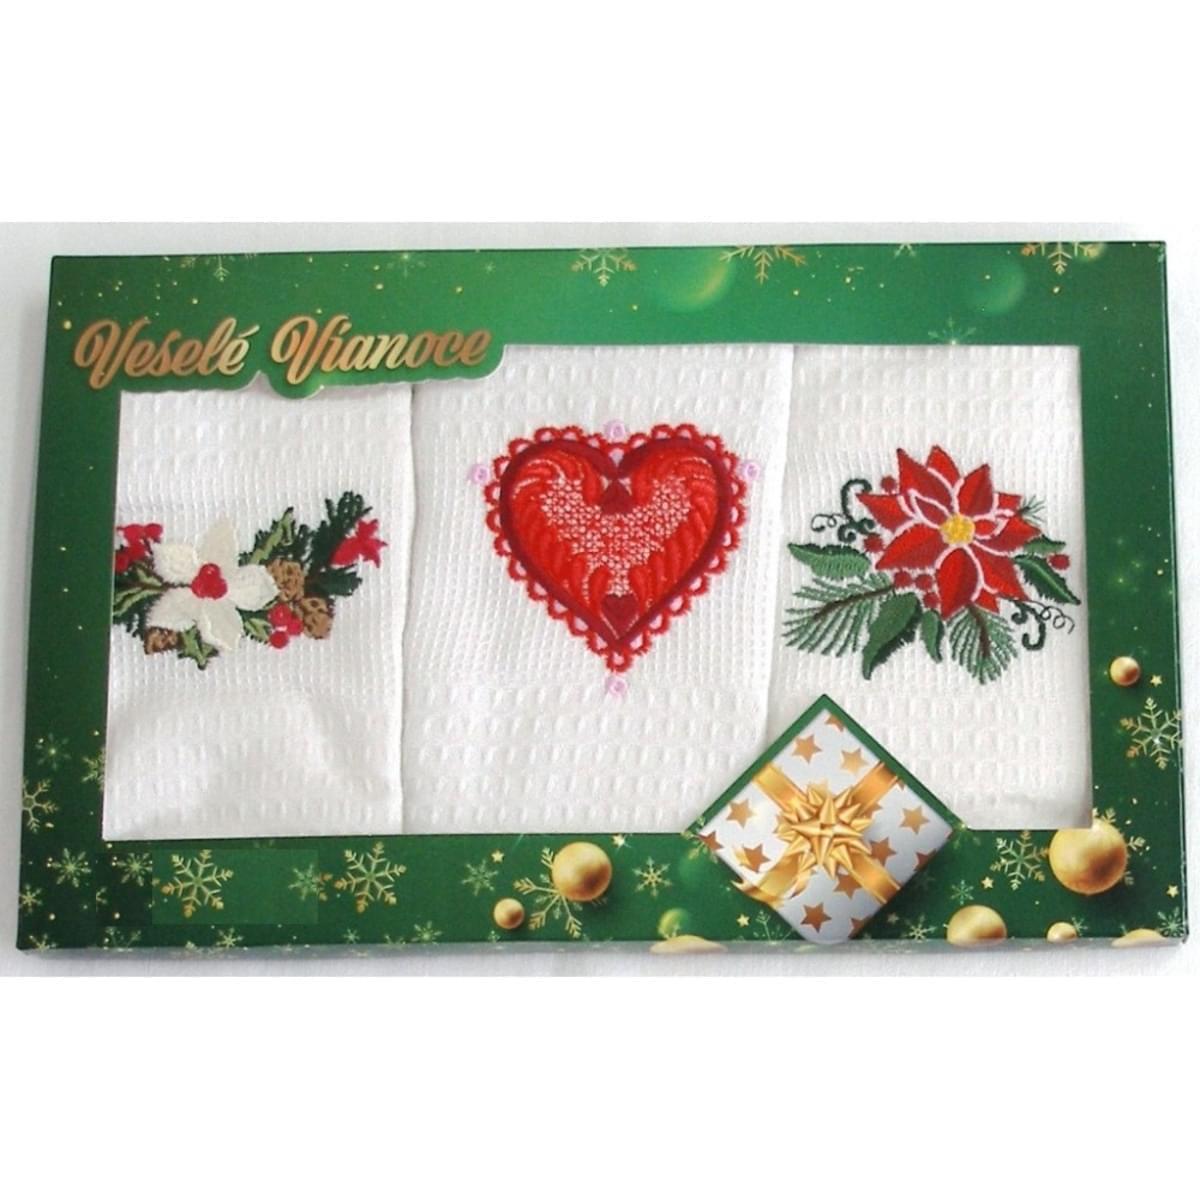 Darčekové balenie 3 ks bavlnených utierok, Vianoční romance, 50 x 70 cm